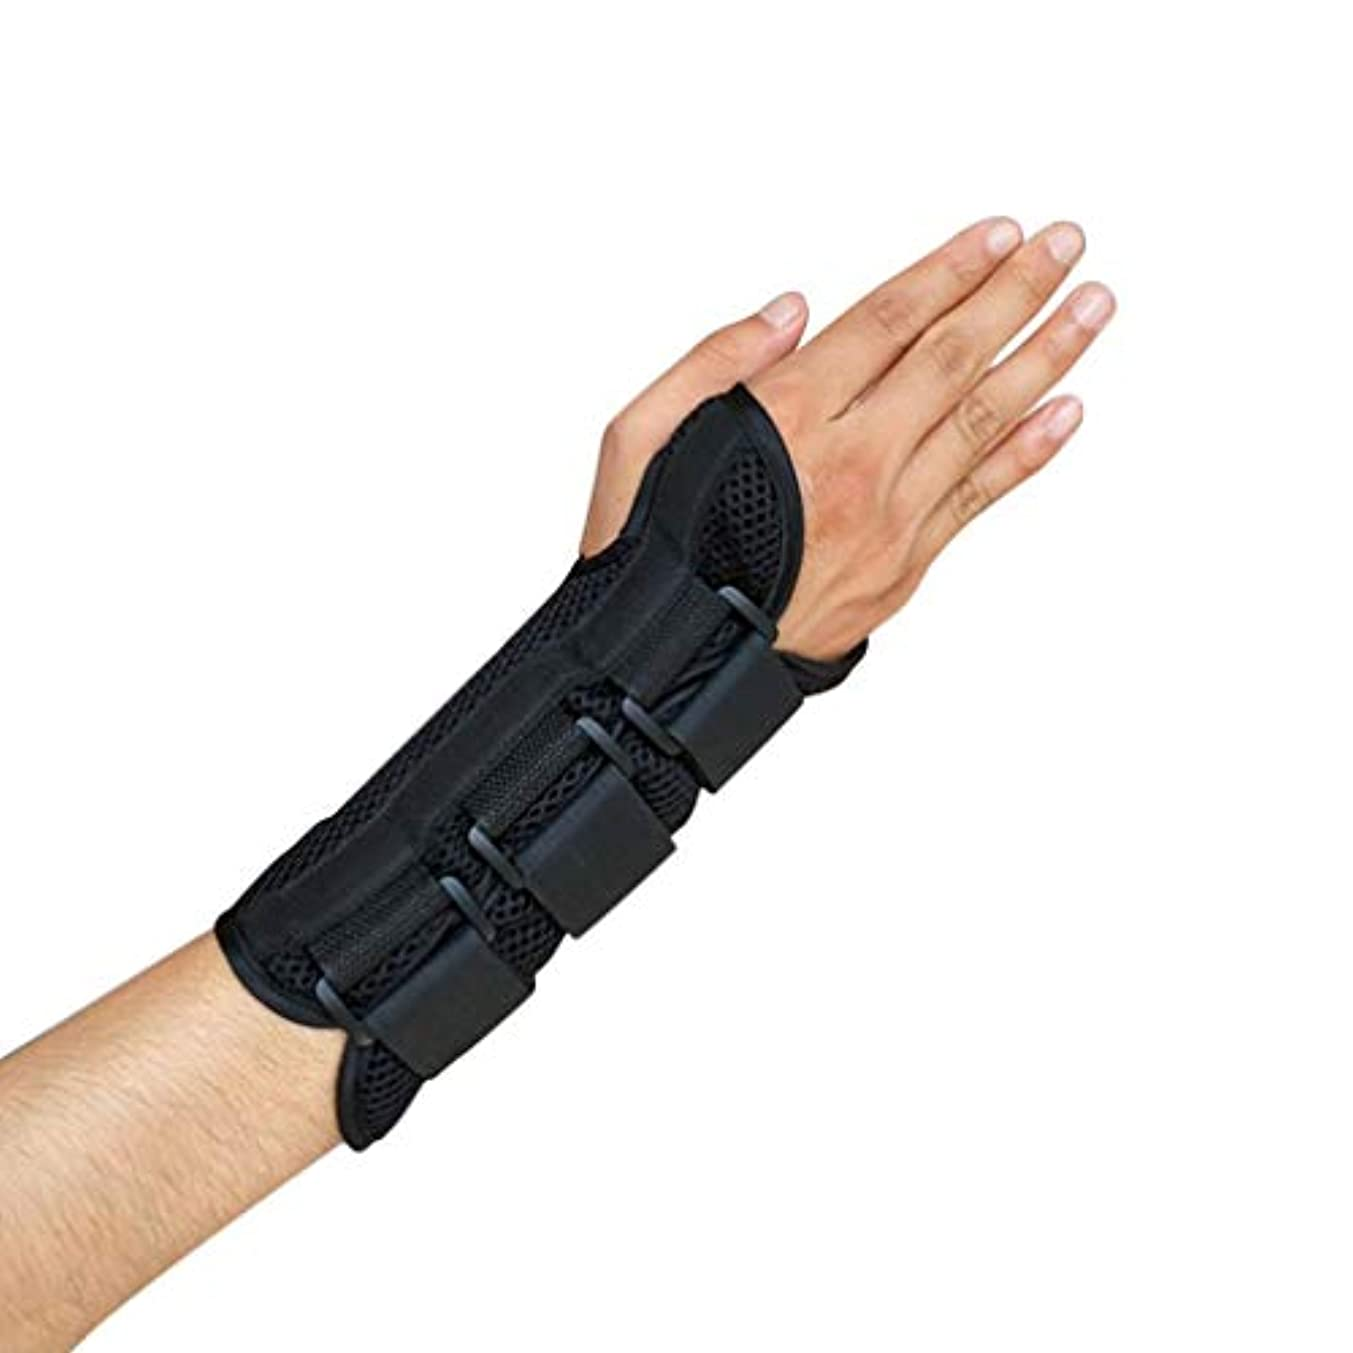 つかむ植木きれいに手根管手首ブレースサポート捻Sp前腕スプリントバンドストラップ保護-innovationo